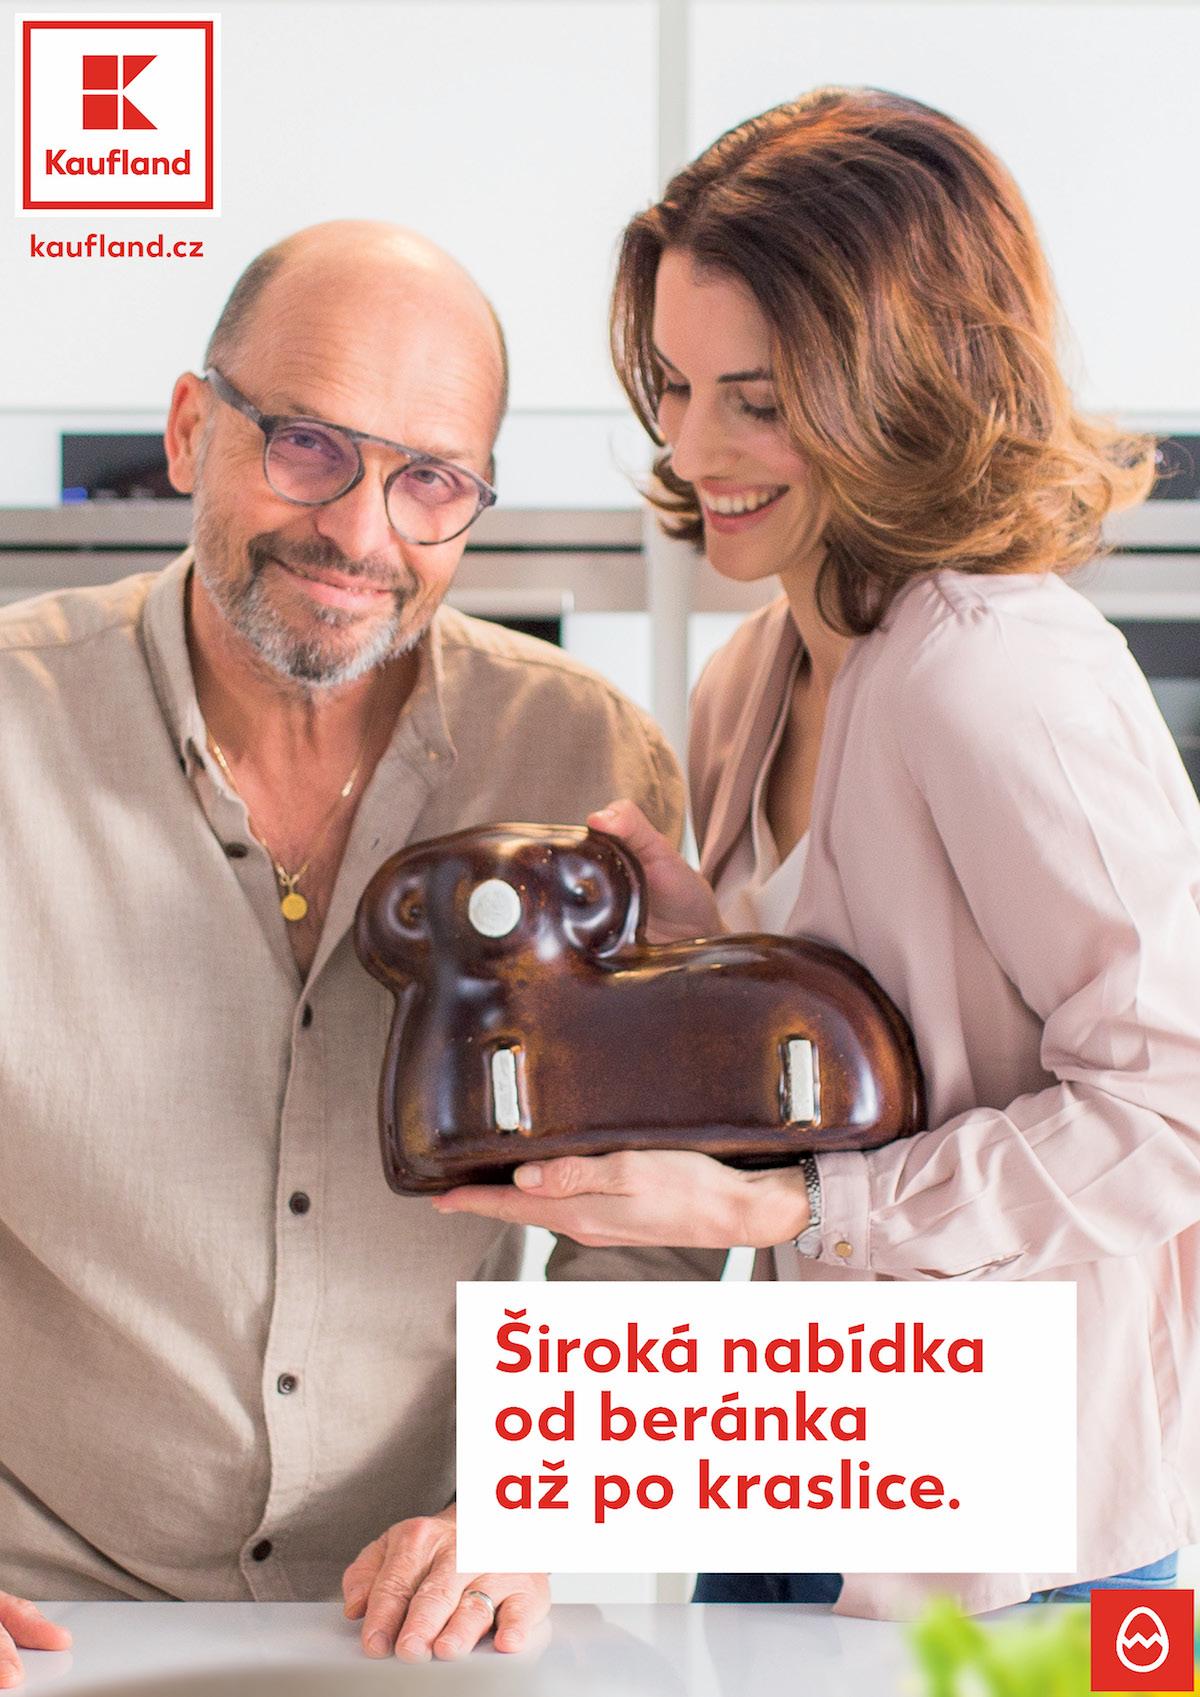 Zdeněk Pohlreich a Lucie Křížková pro Kaufland